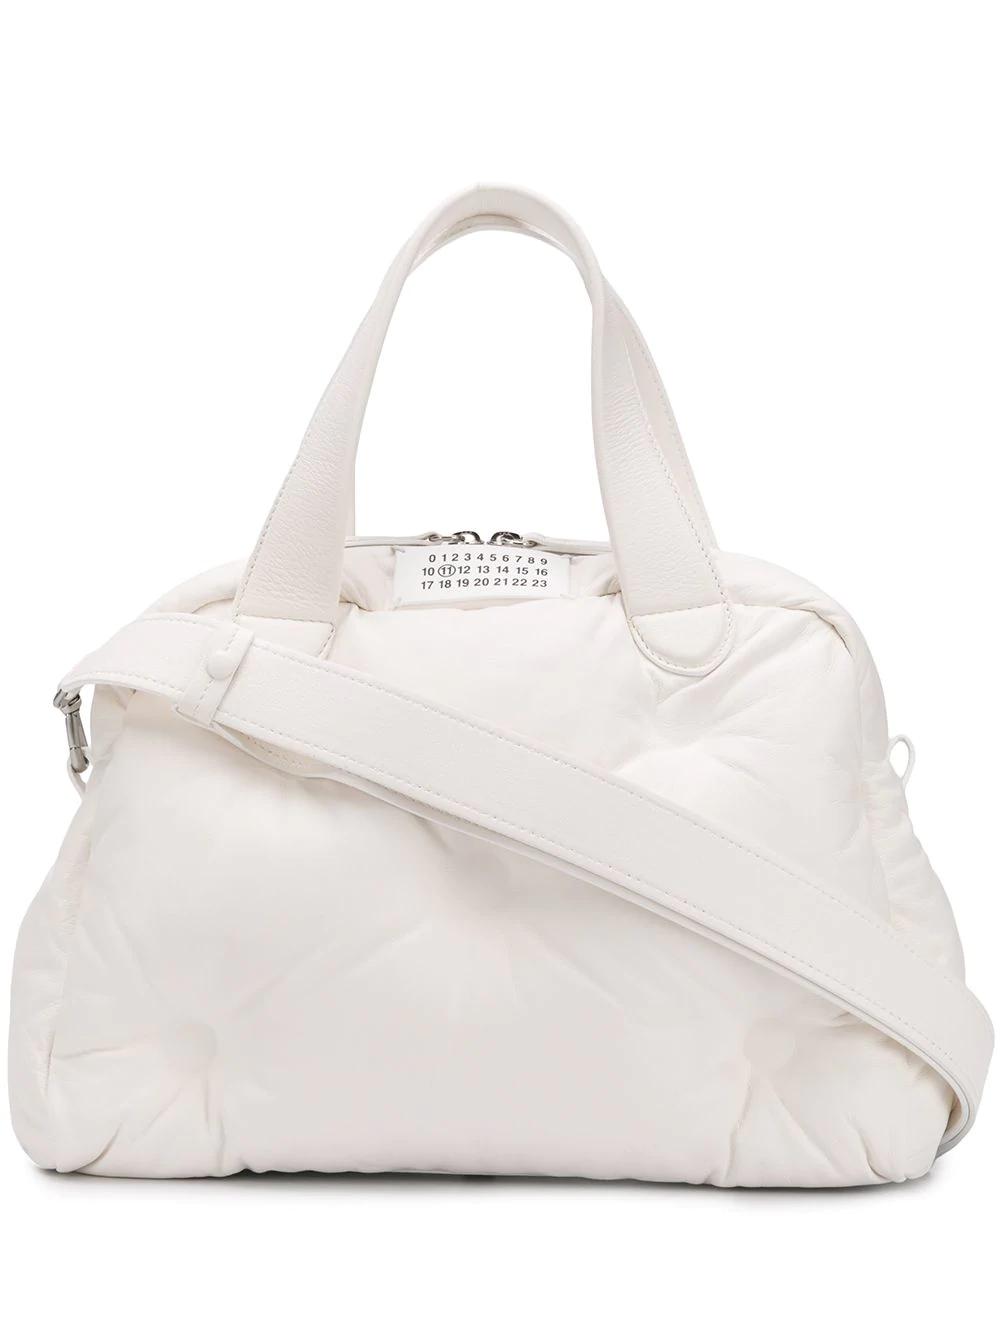 e1bb5a7ea227 Maison Margiela Glam Slam Bag - White | ModeSens